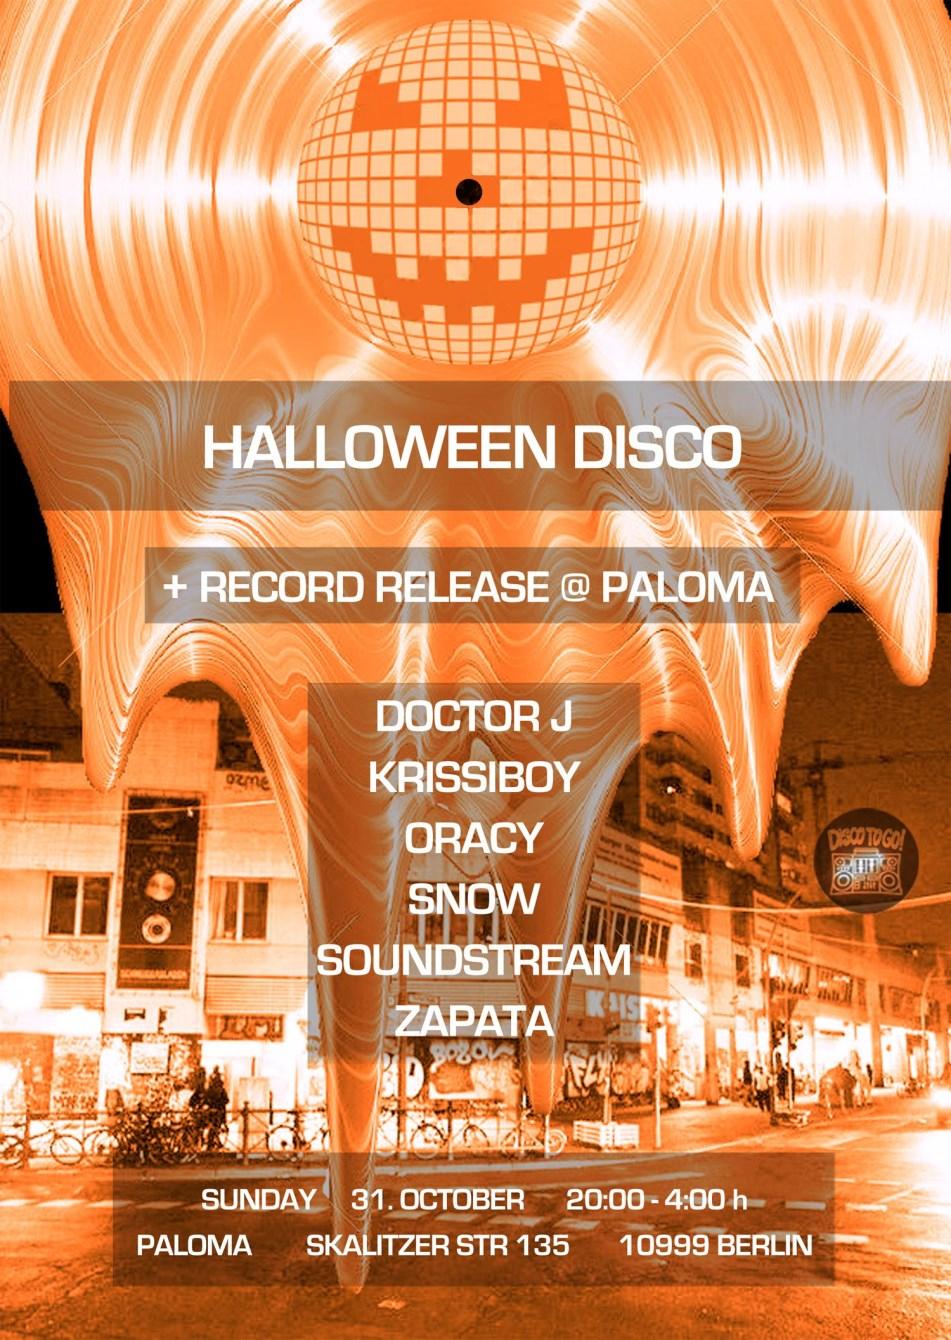 Halloween Disco - Flyer front